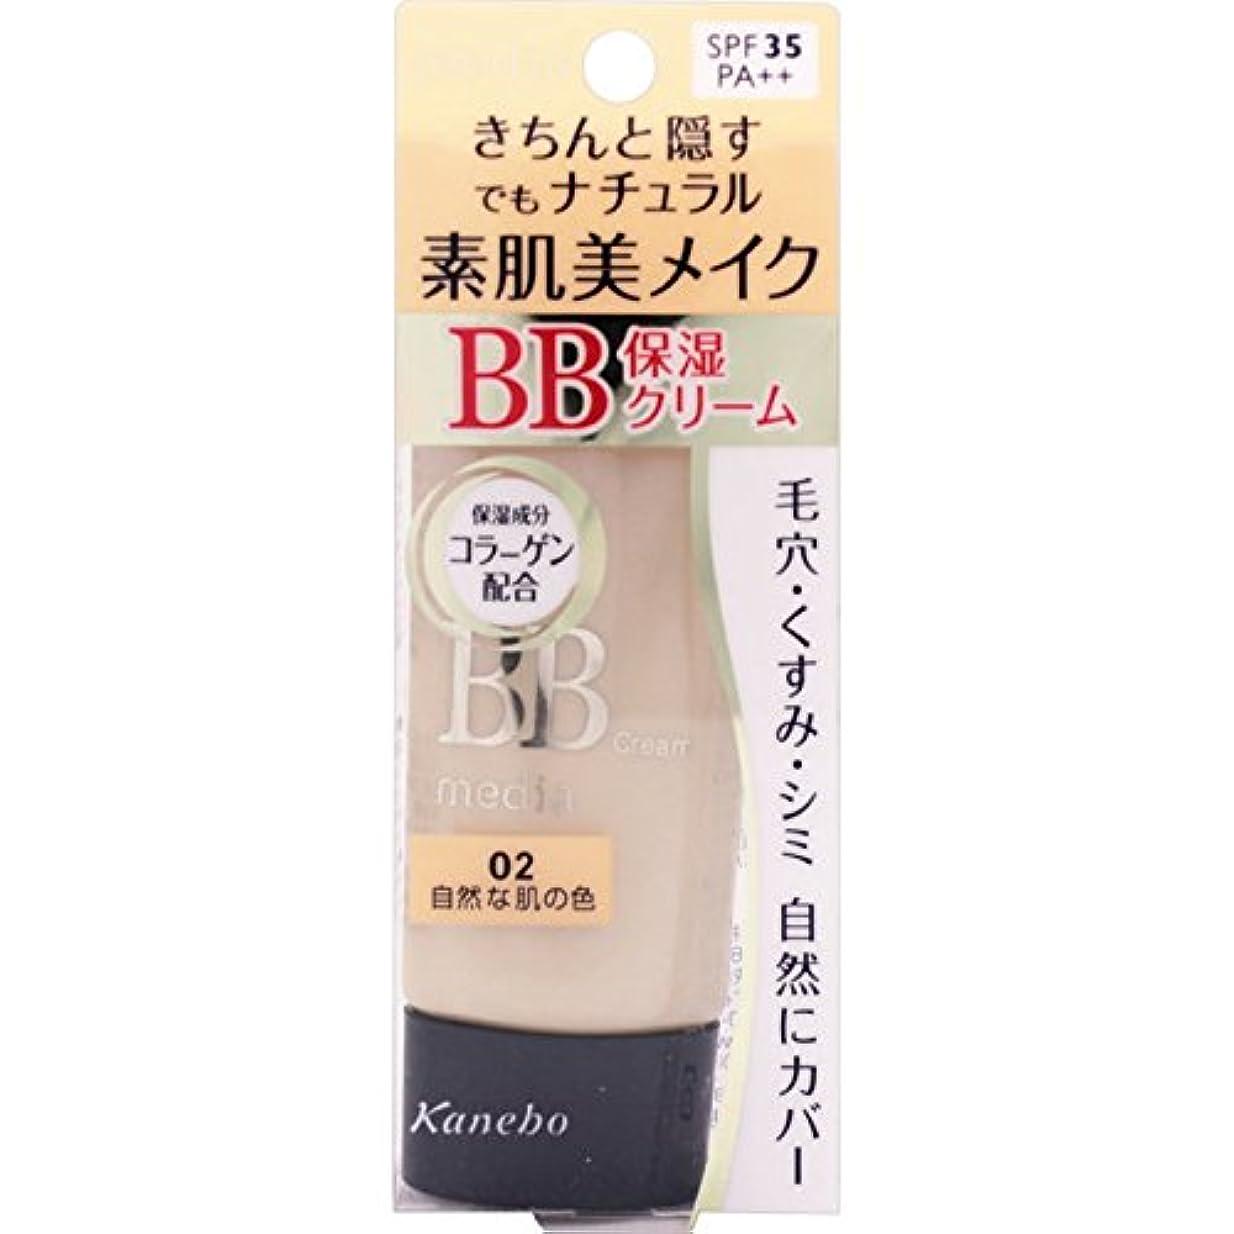 付き添い人雄弁円形のカネボウ メディア BBクリームN 02 SPF35?PA++